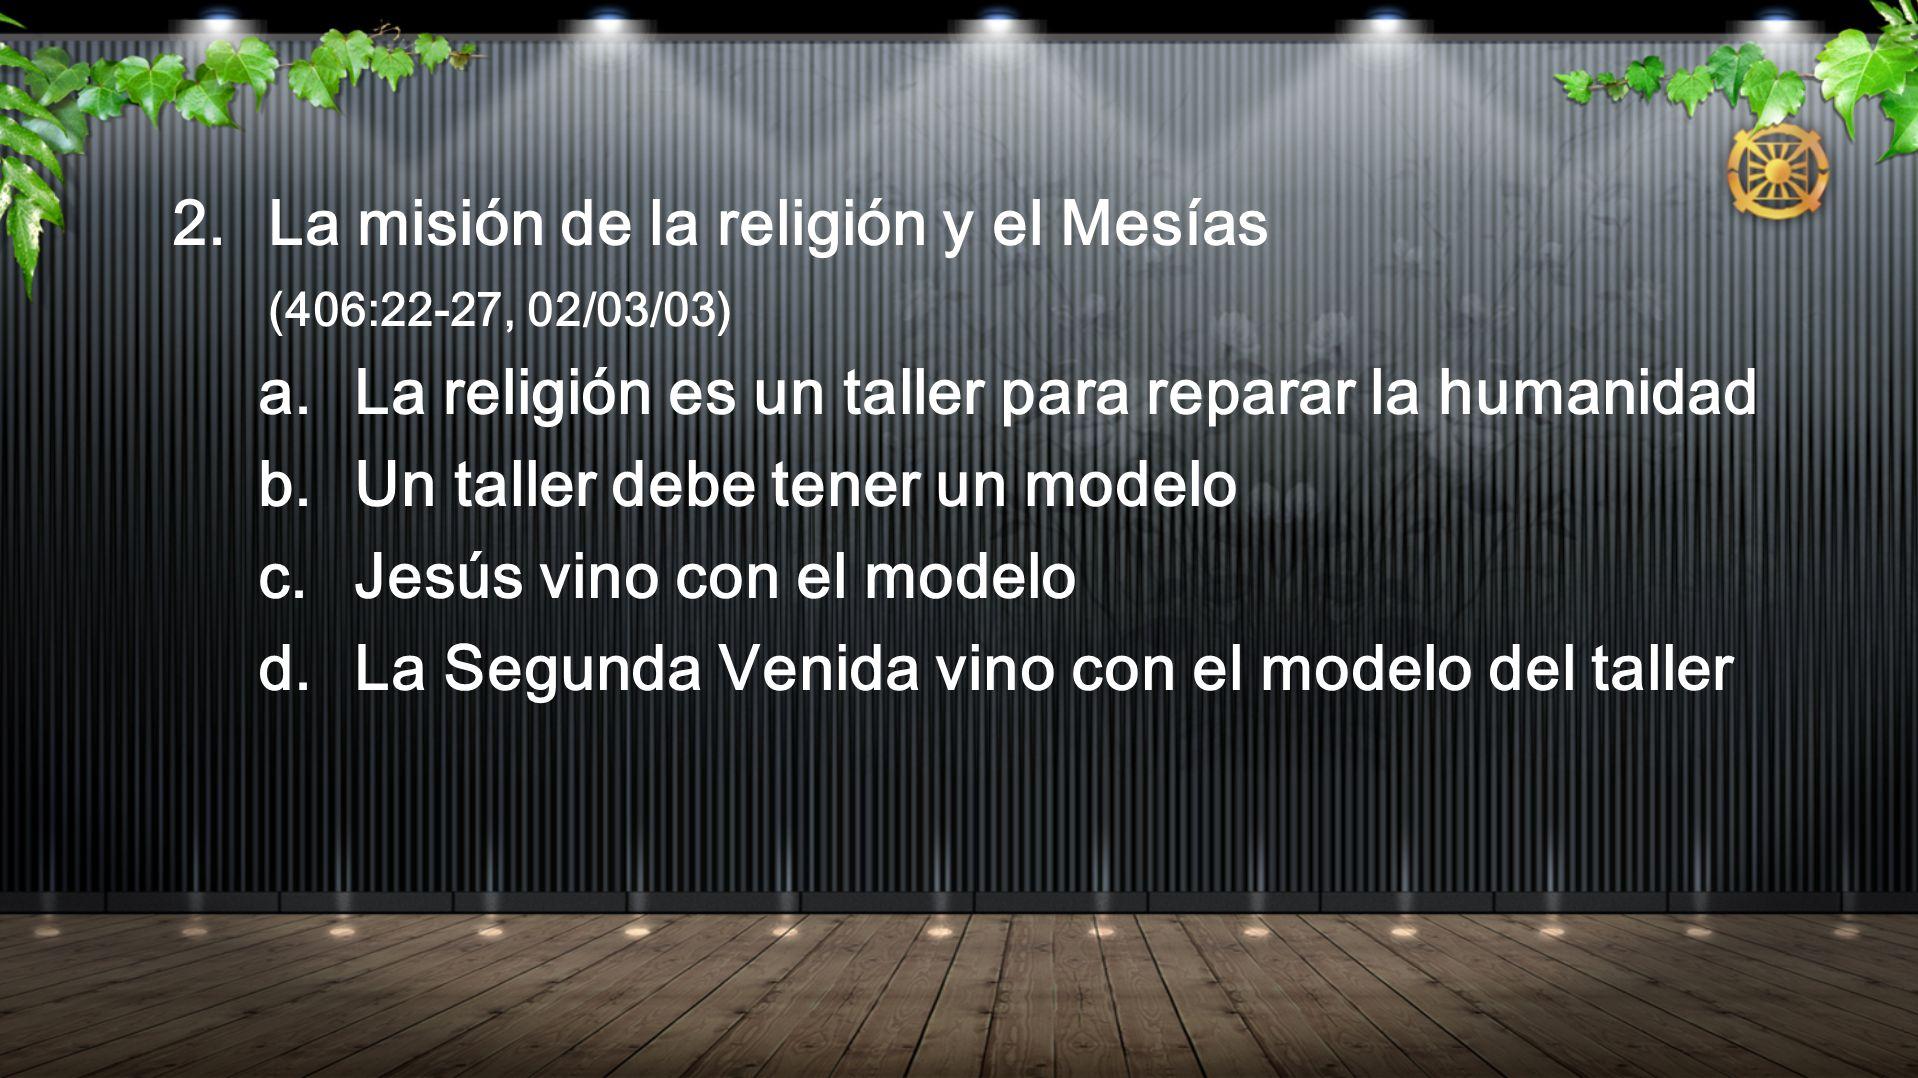 La misión de la religión y el Mesías (406:22-27, 02/03/03)